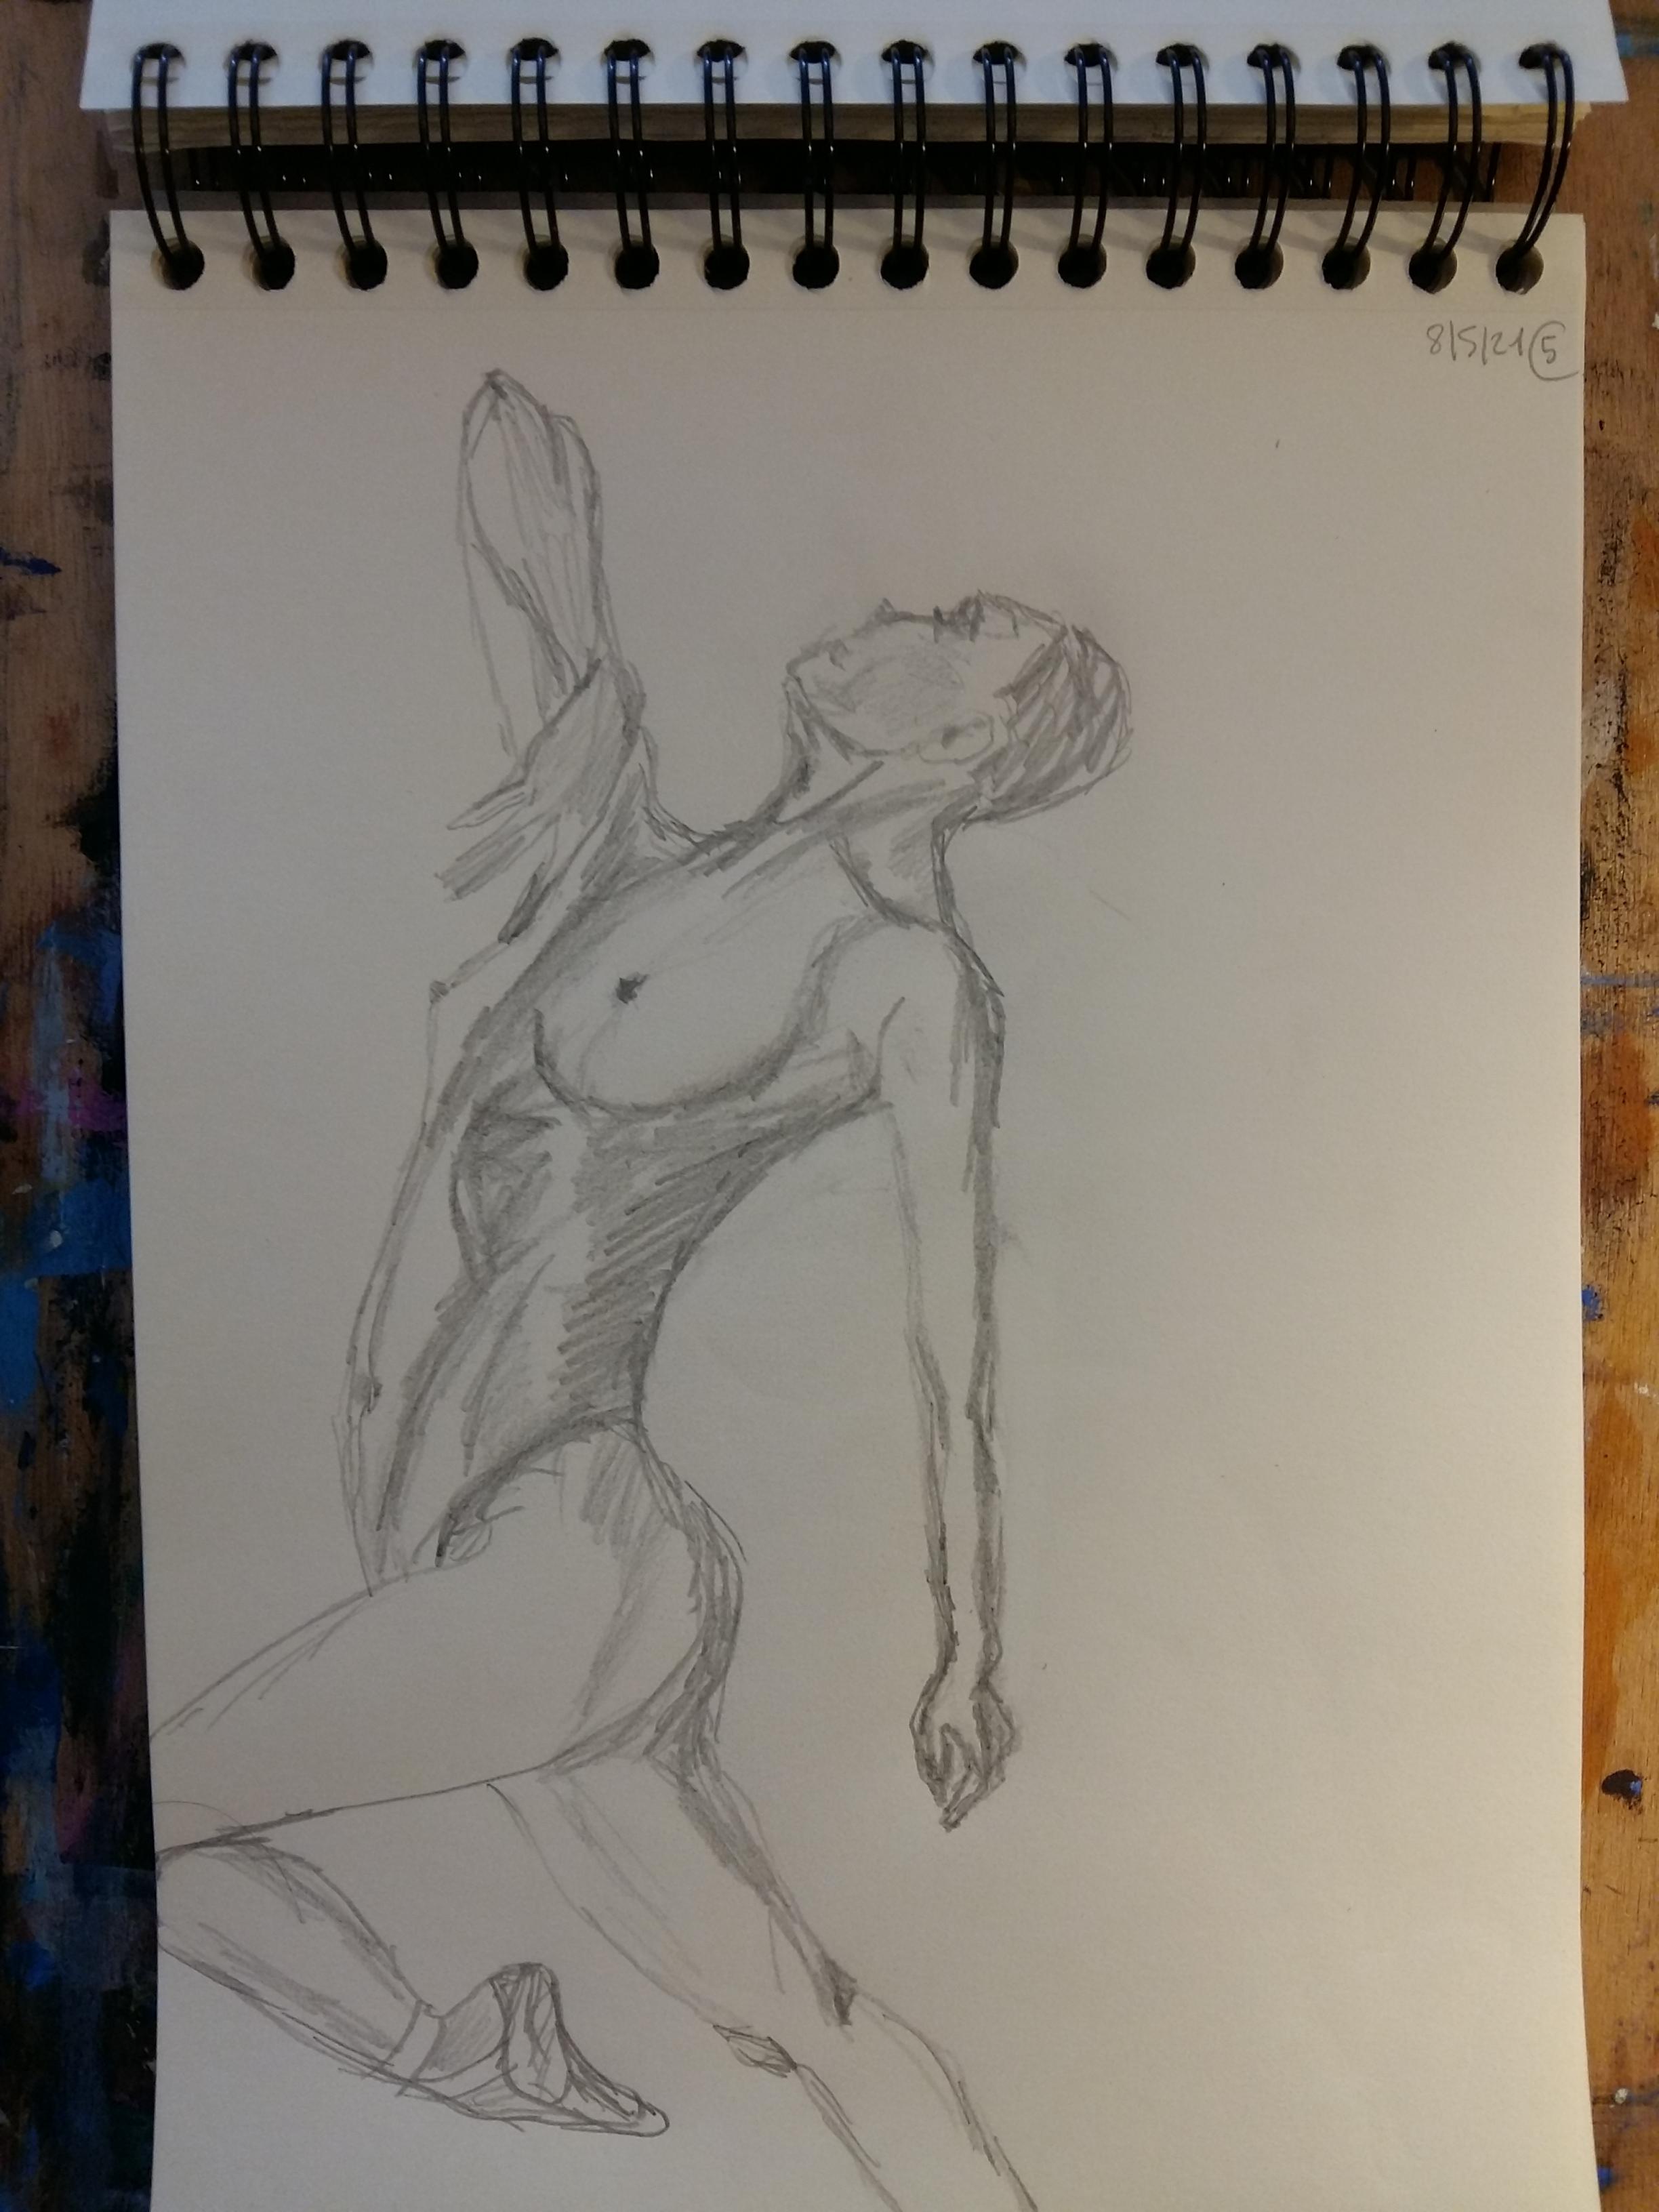 Dessin profil esquisse graphite hachures format A4 carnet  cours de dessin